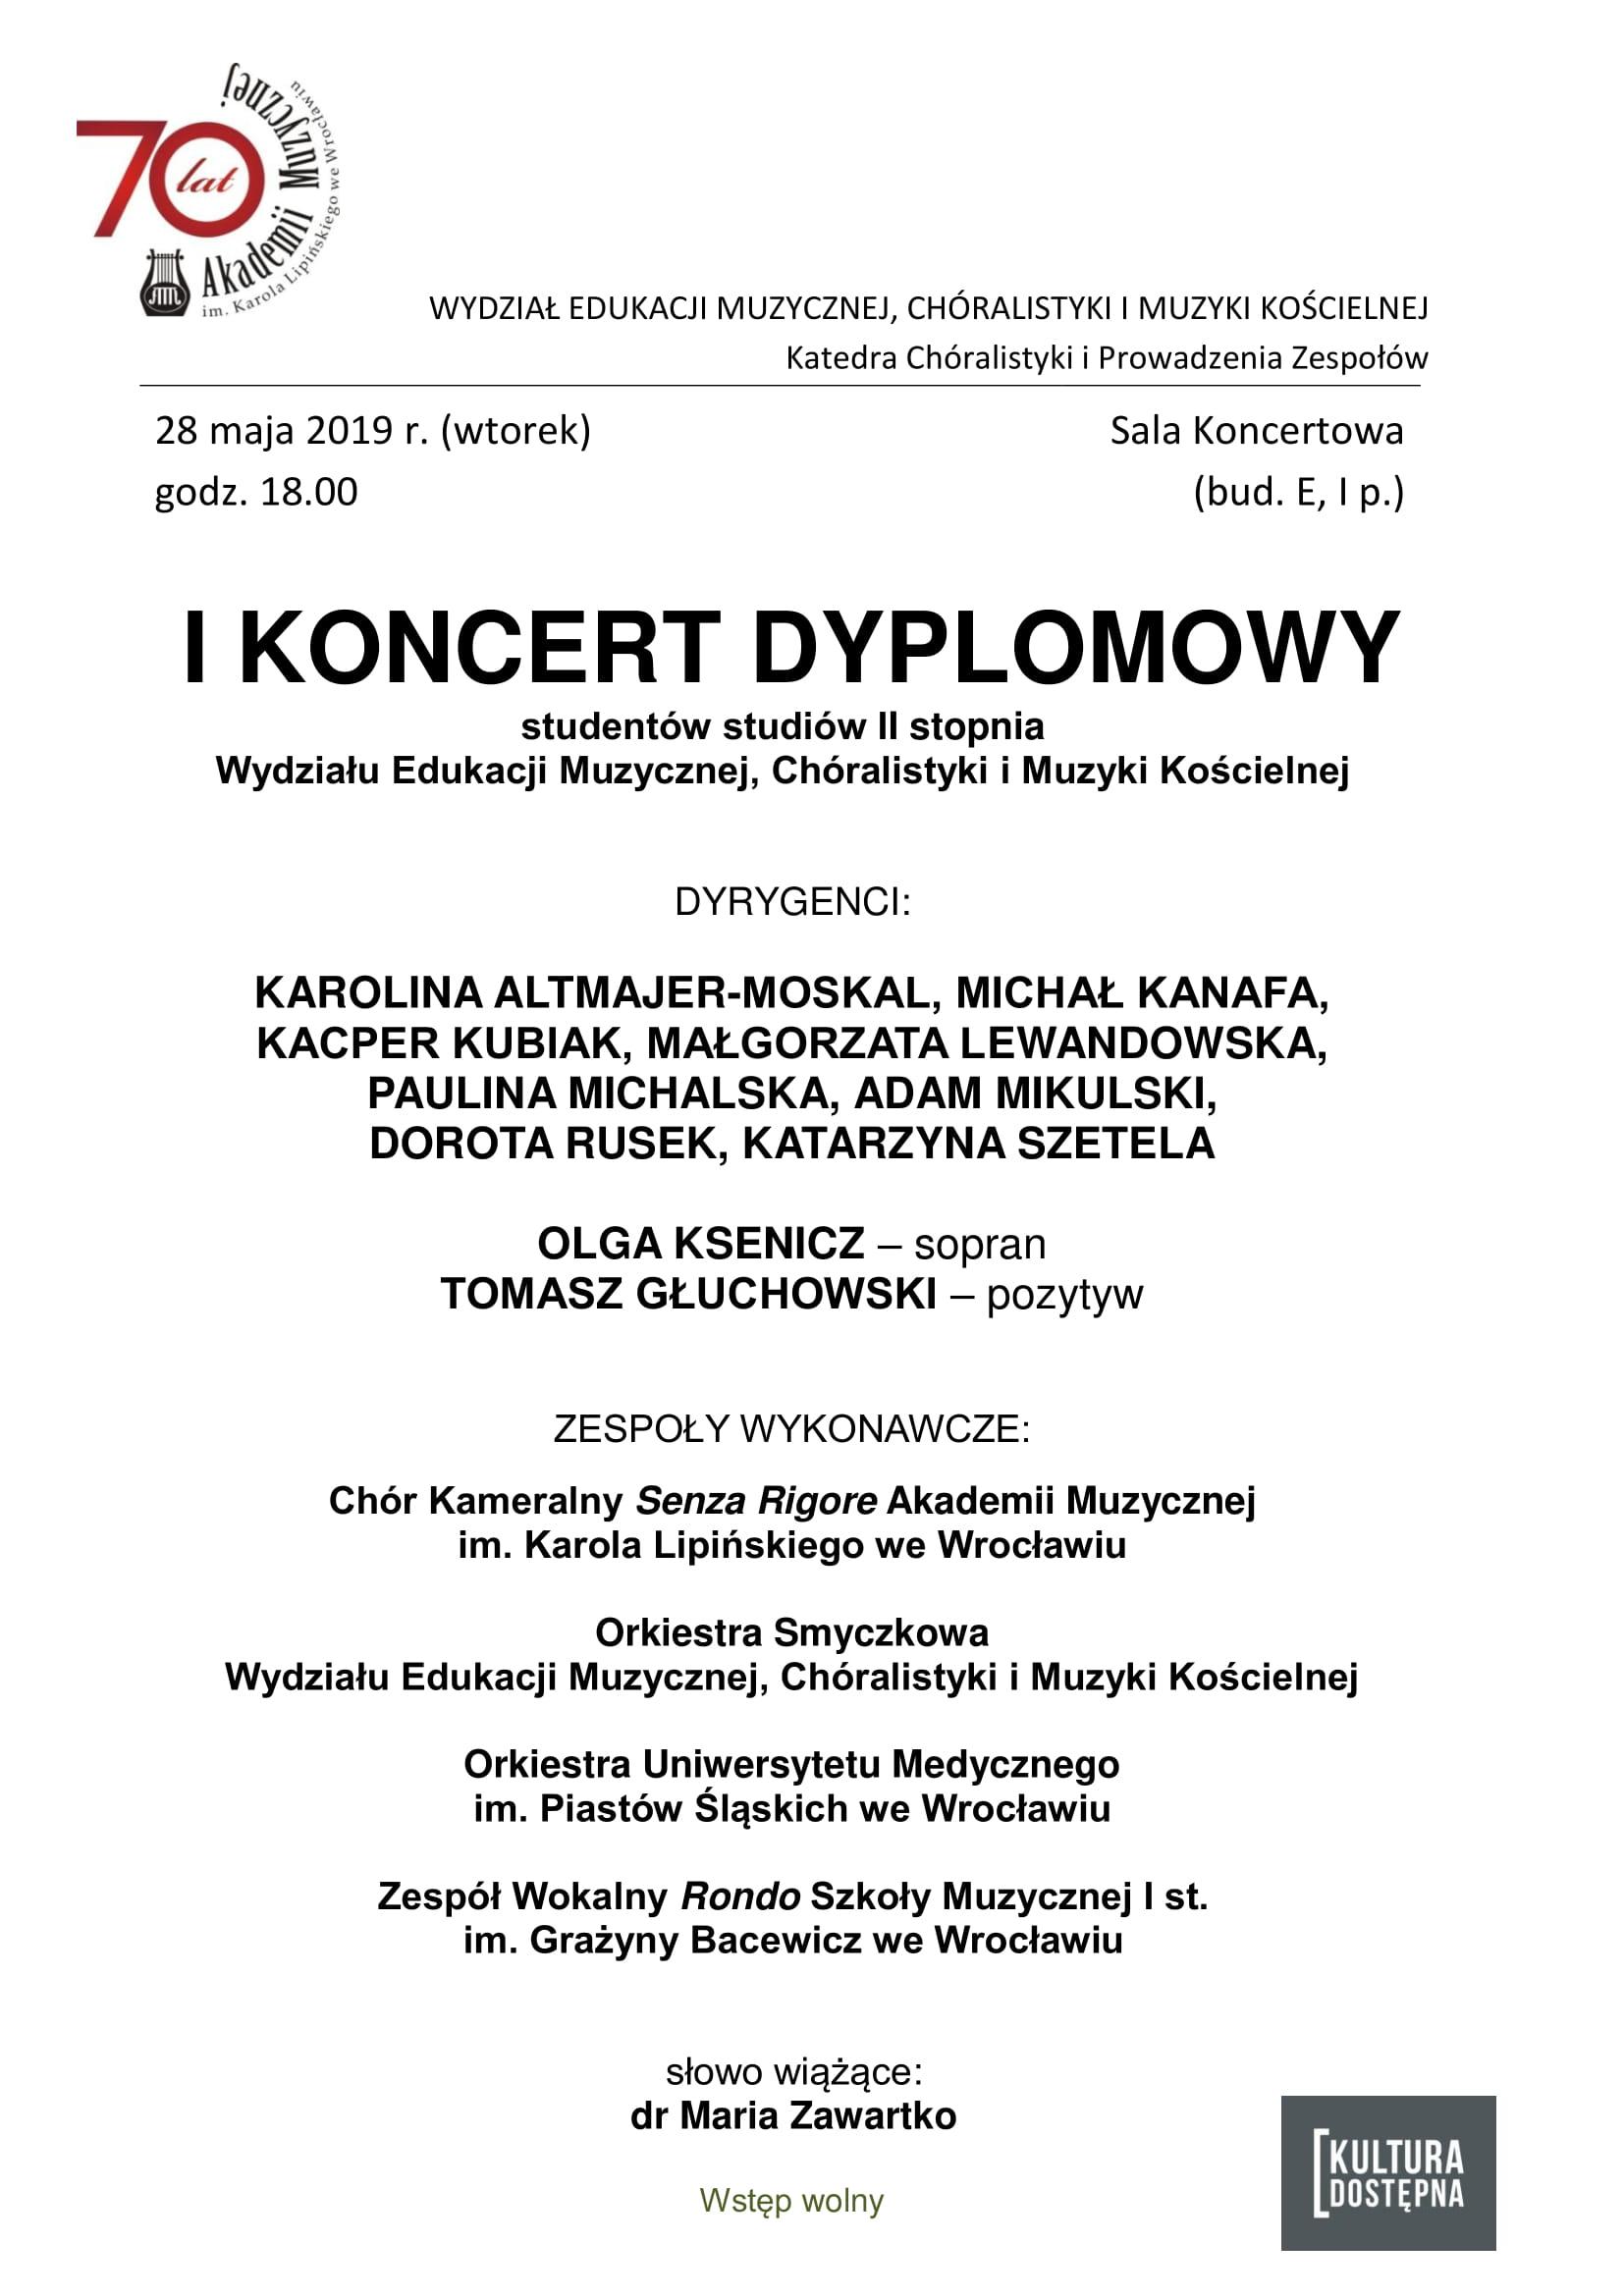 I Koncert Dyplomowy studentów studiów II stopnia Wydziału Edukacji Muzycznej, Chóralistyki i Muzyki Kościelnej